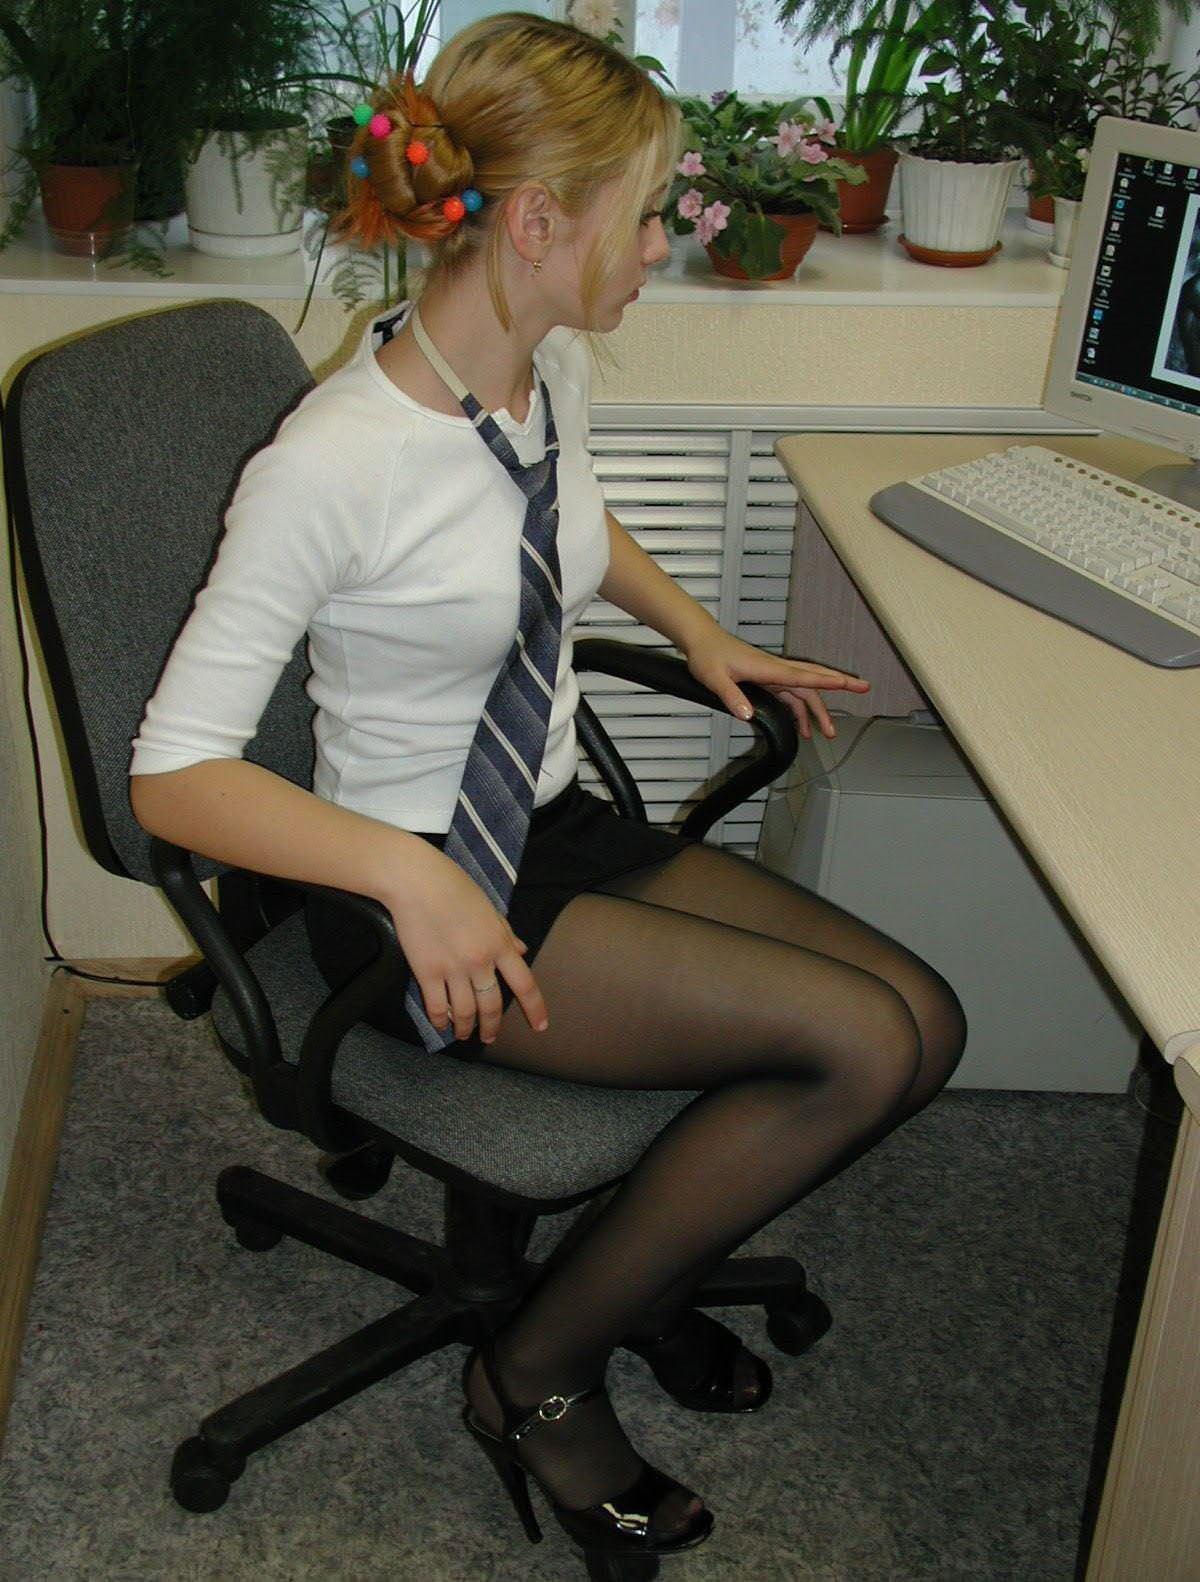 【外人】ロシア人の学生たちがめっちゃ可愛くて大人っぽい制服ポルノ画像 22136